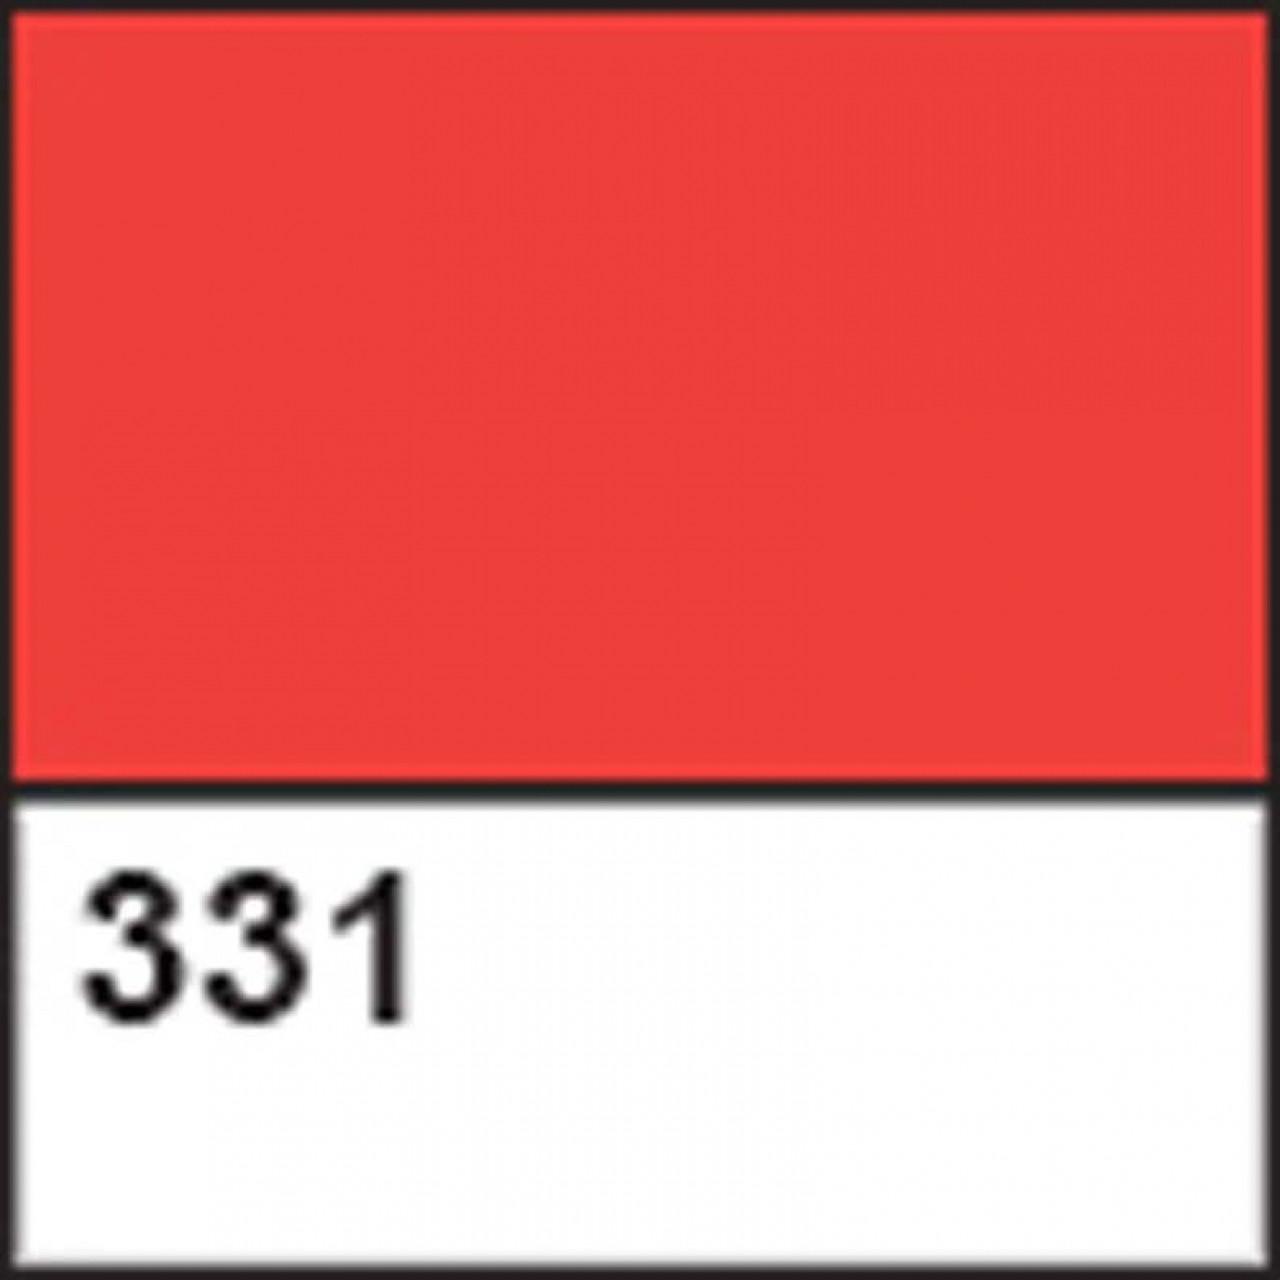 Краска акриловая для витража ДЕКОЛА красная, 20мл ЗХК